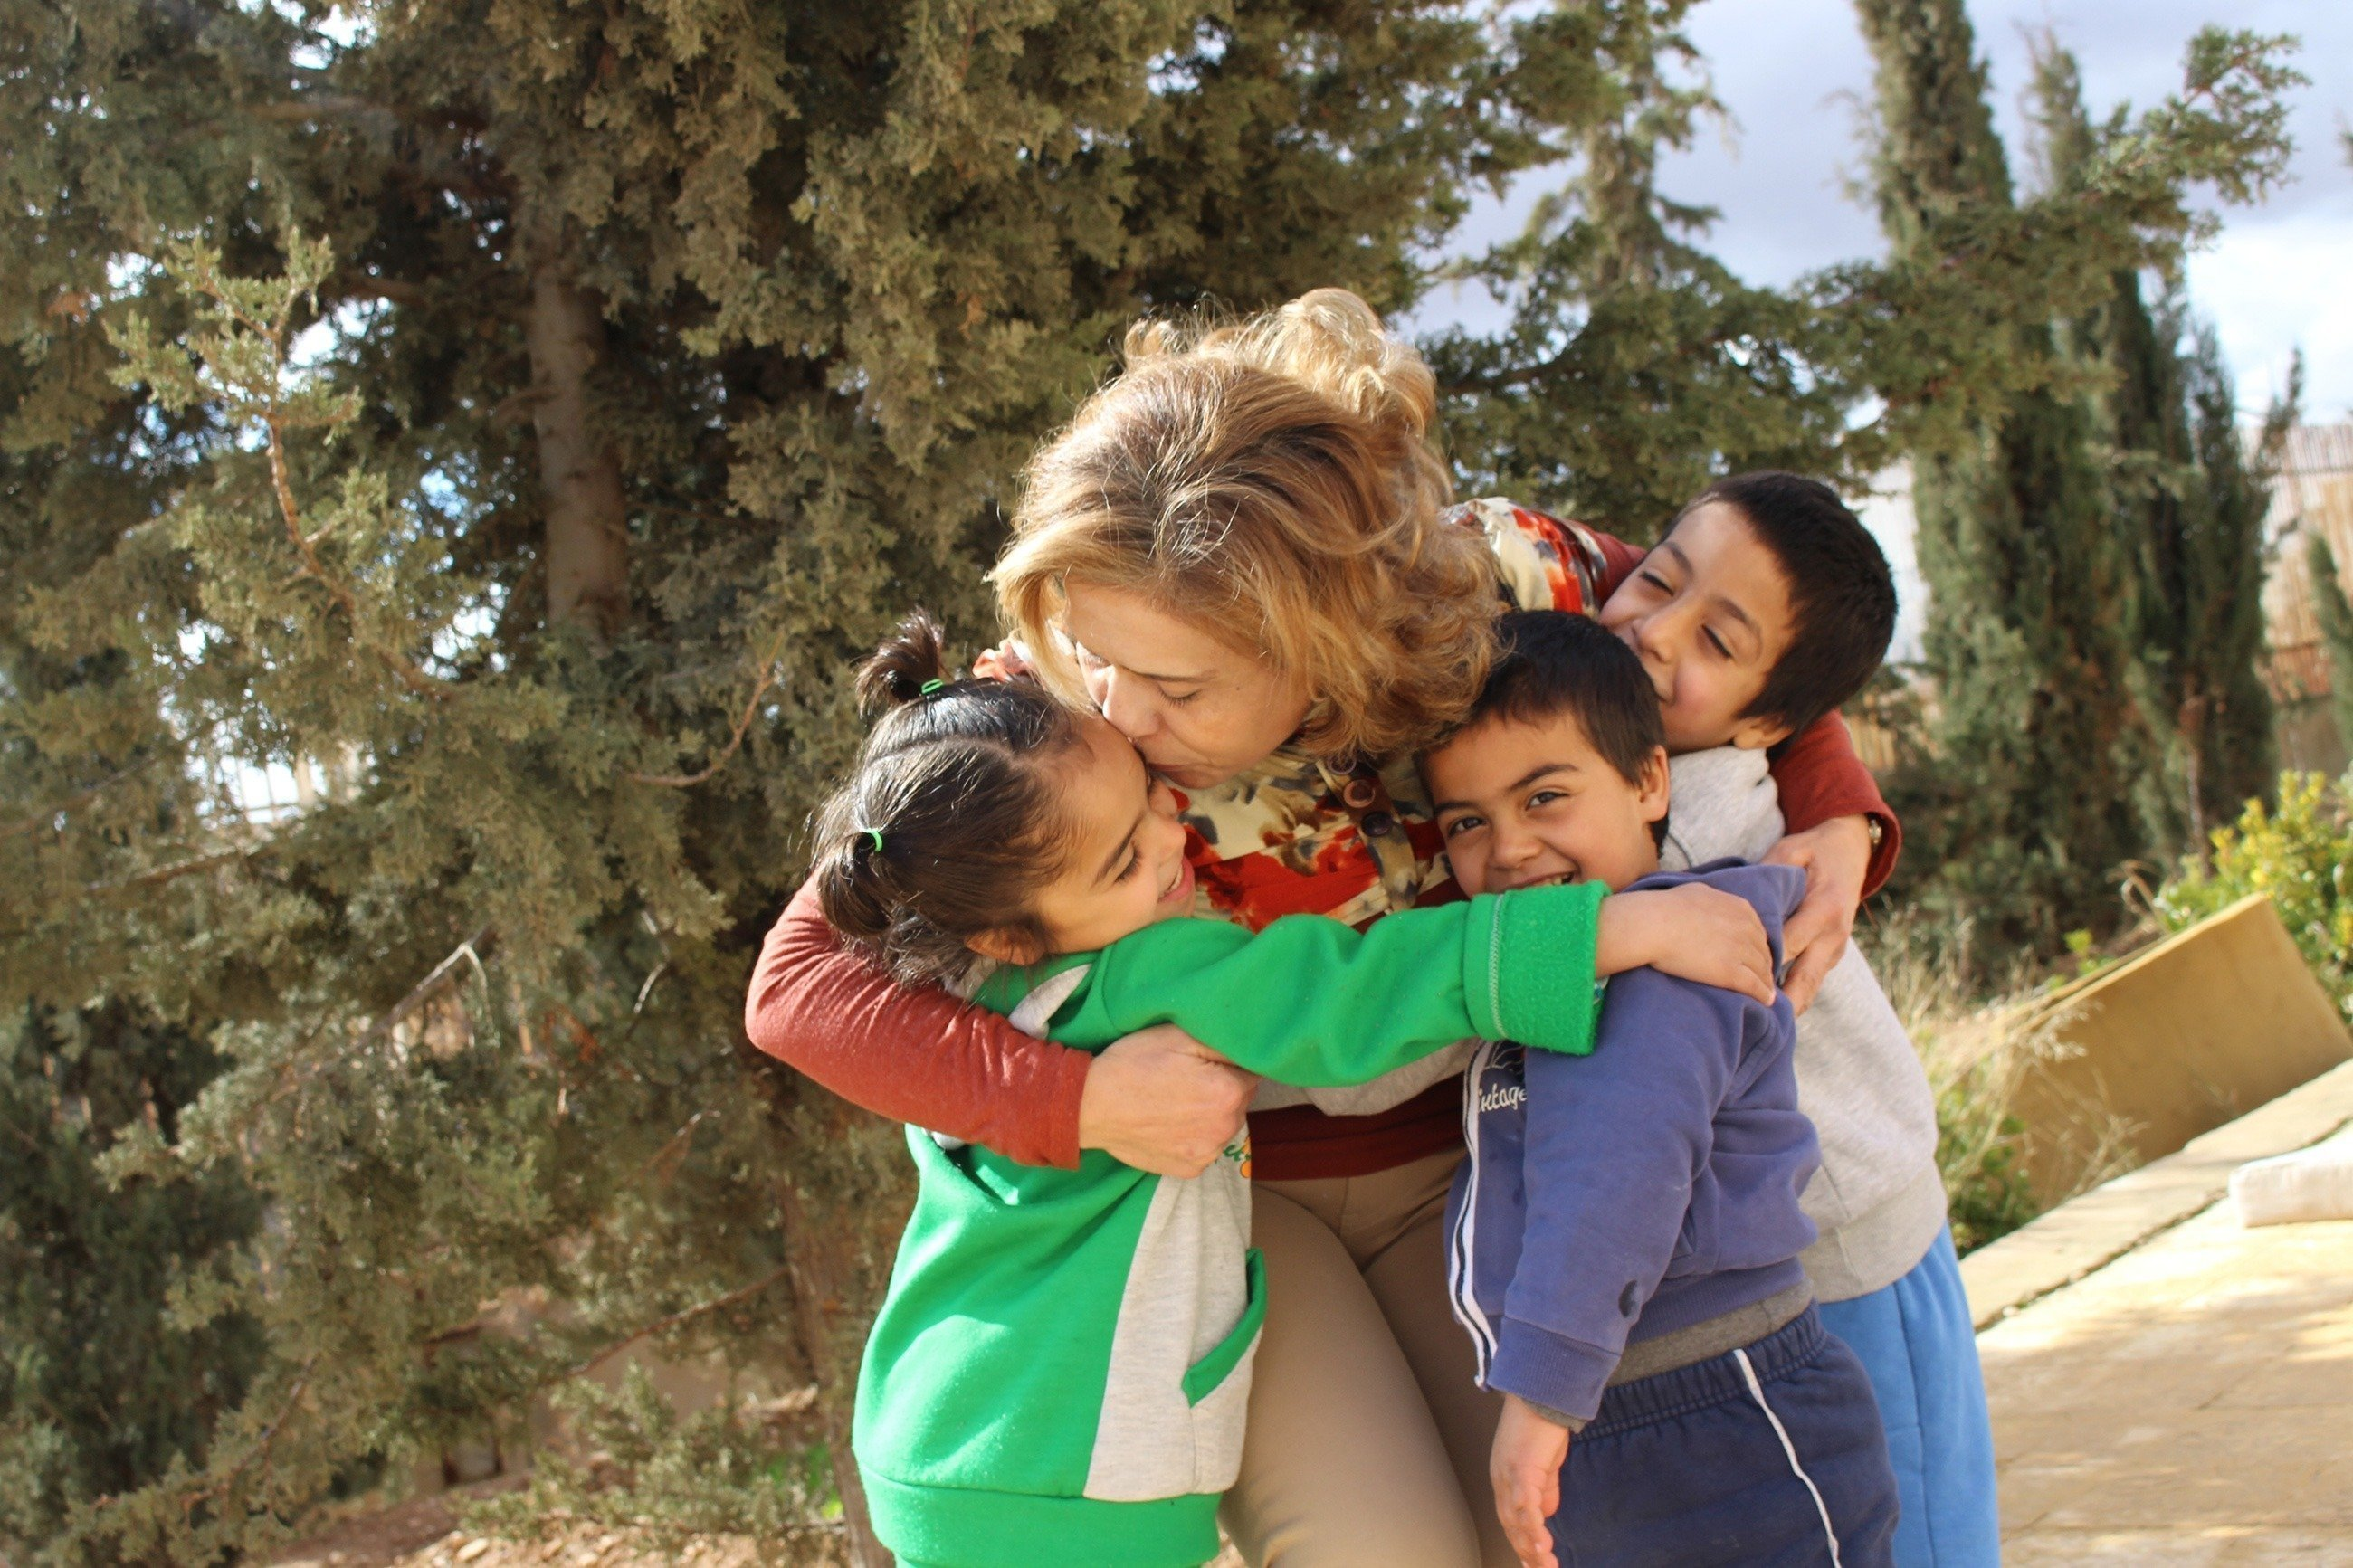 SOS-Kinderdorf Mutter umarmt und küsst drei Kinder.